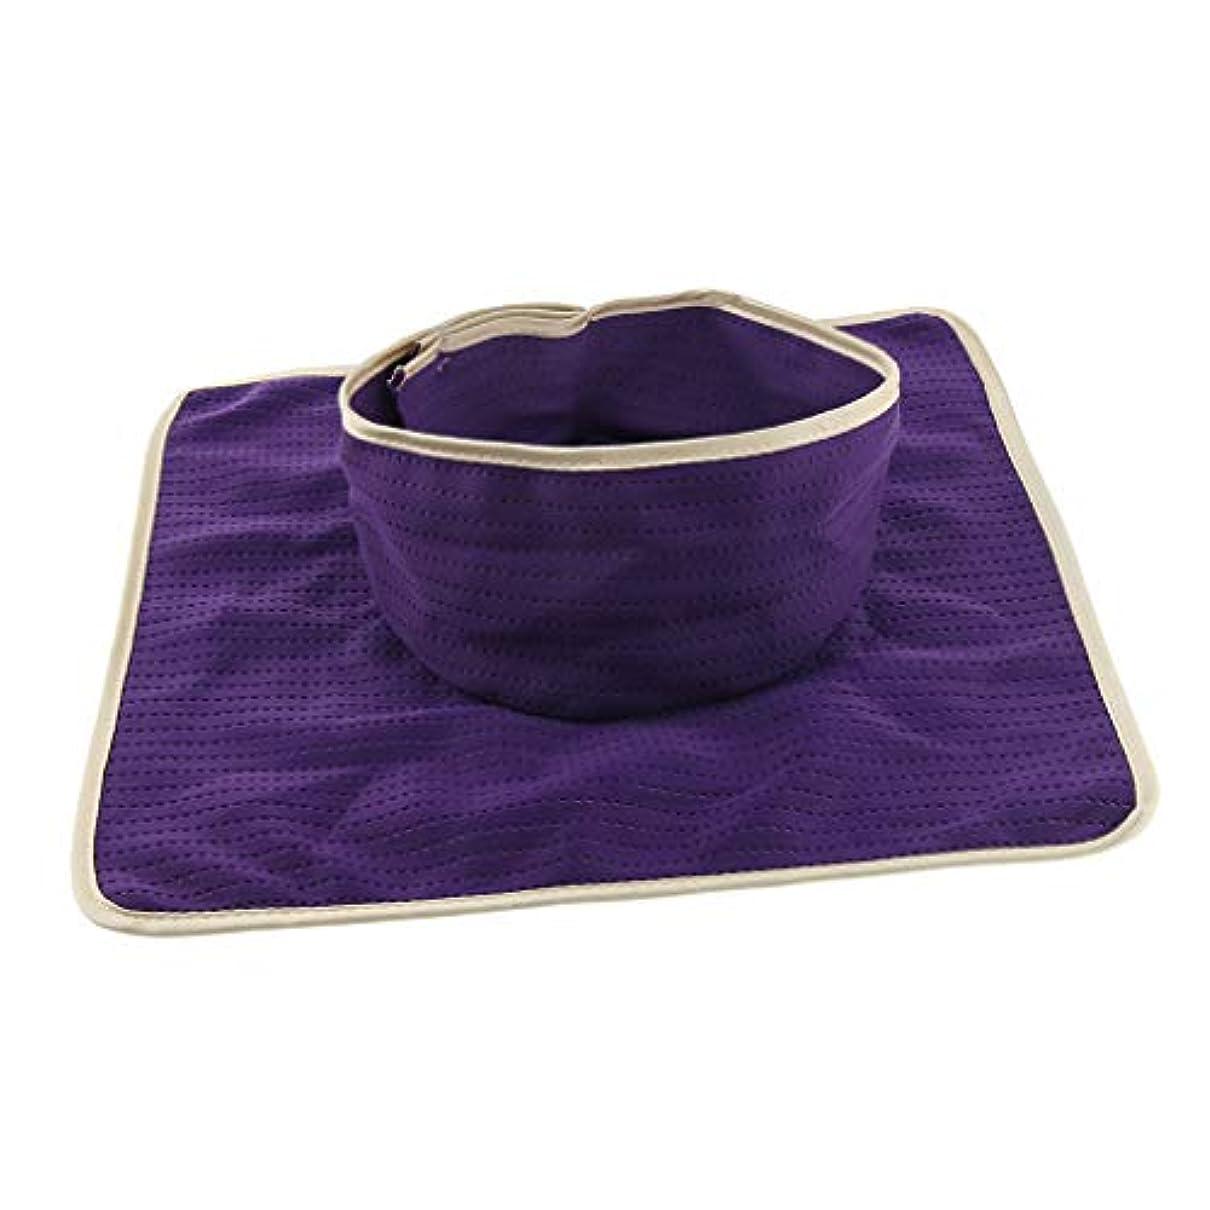 優雅な光電誕生日Perfeclan マッサージ ベッドカバー シート パッド 洗濯可能 再利用可能 約35×35cm 全3色 - 紫